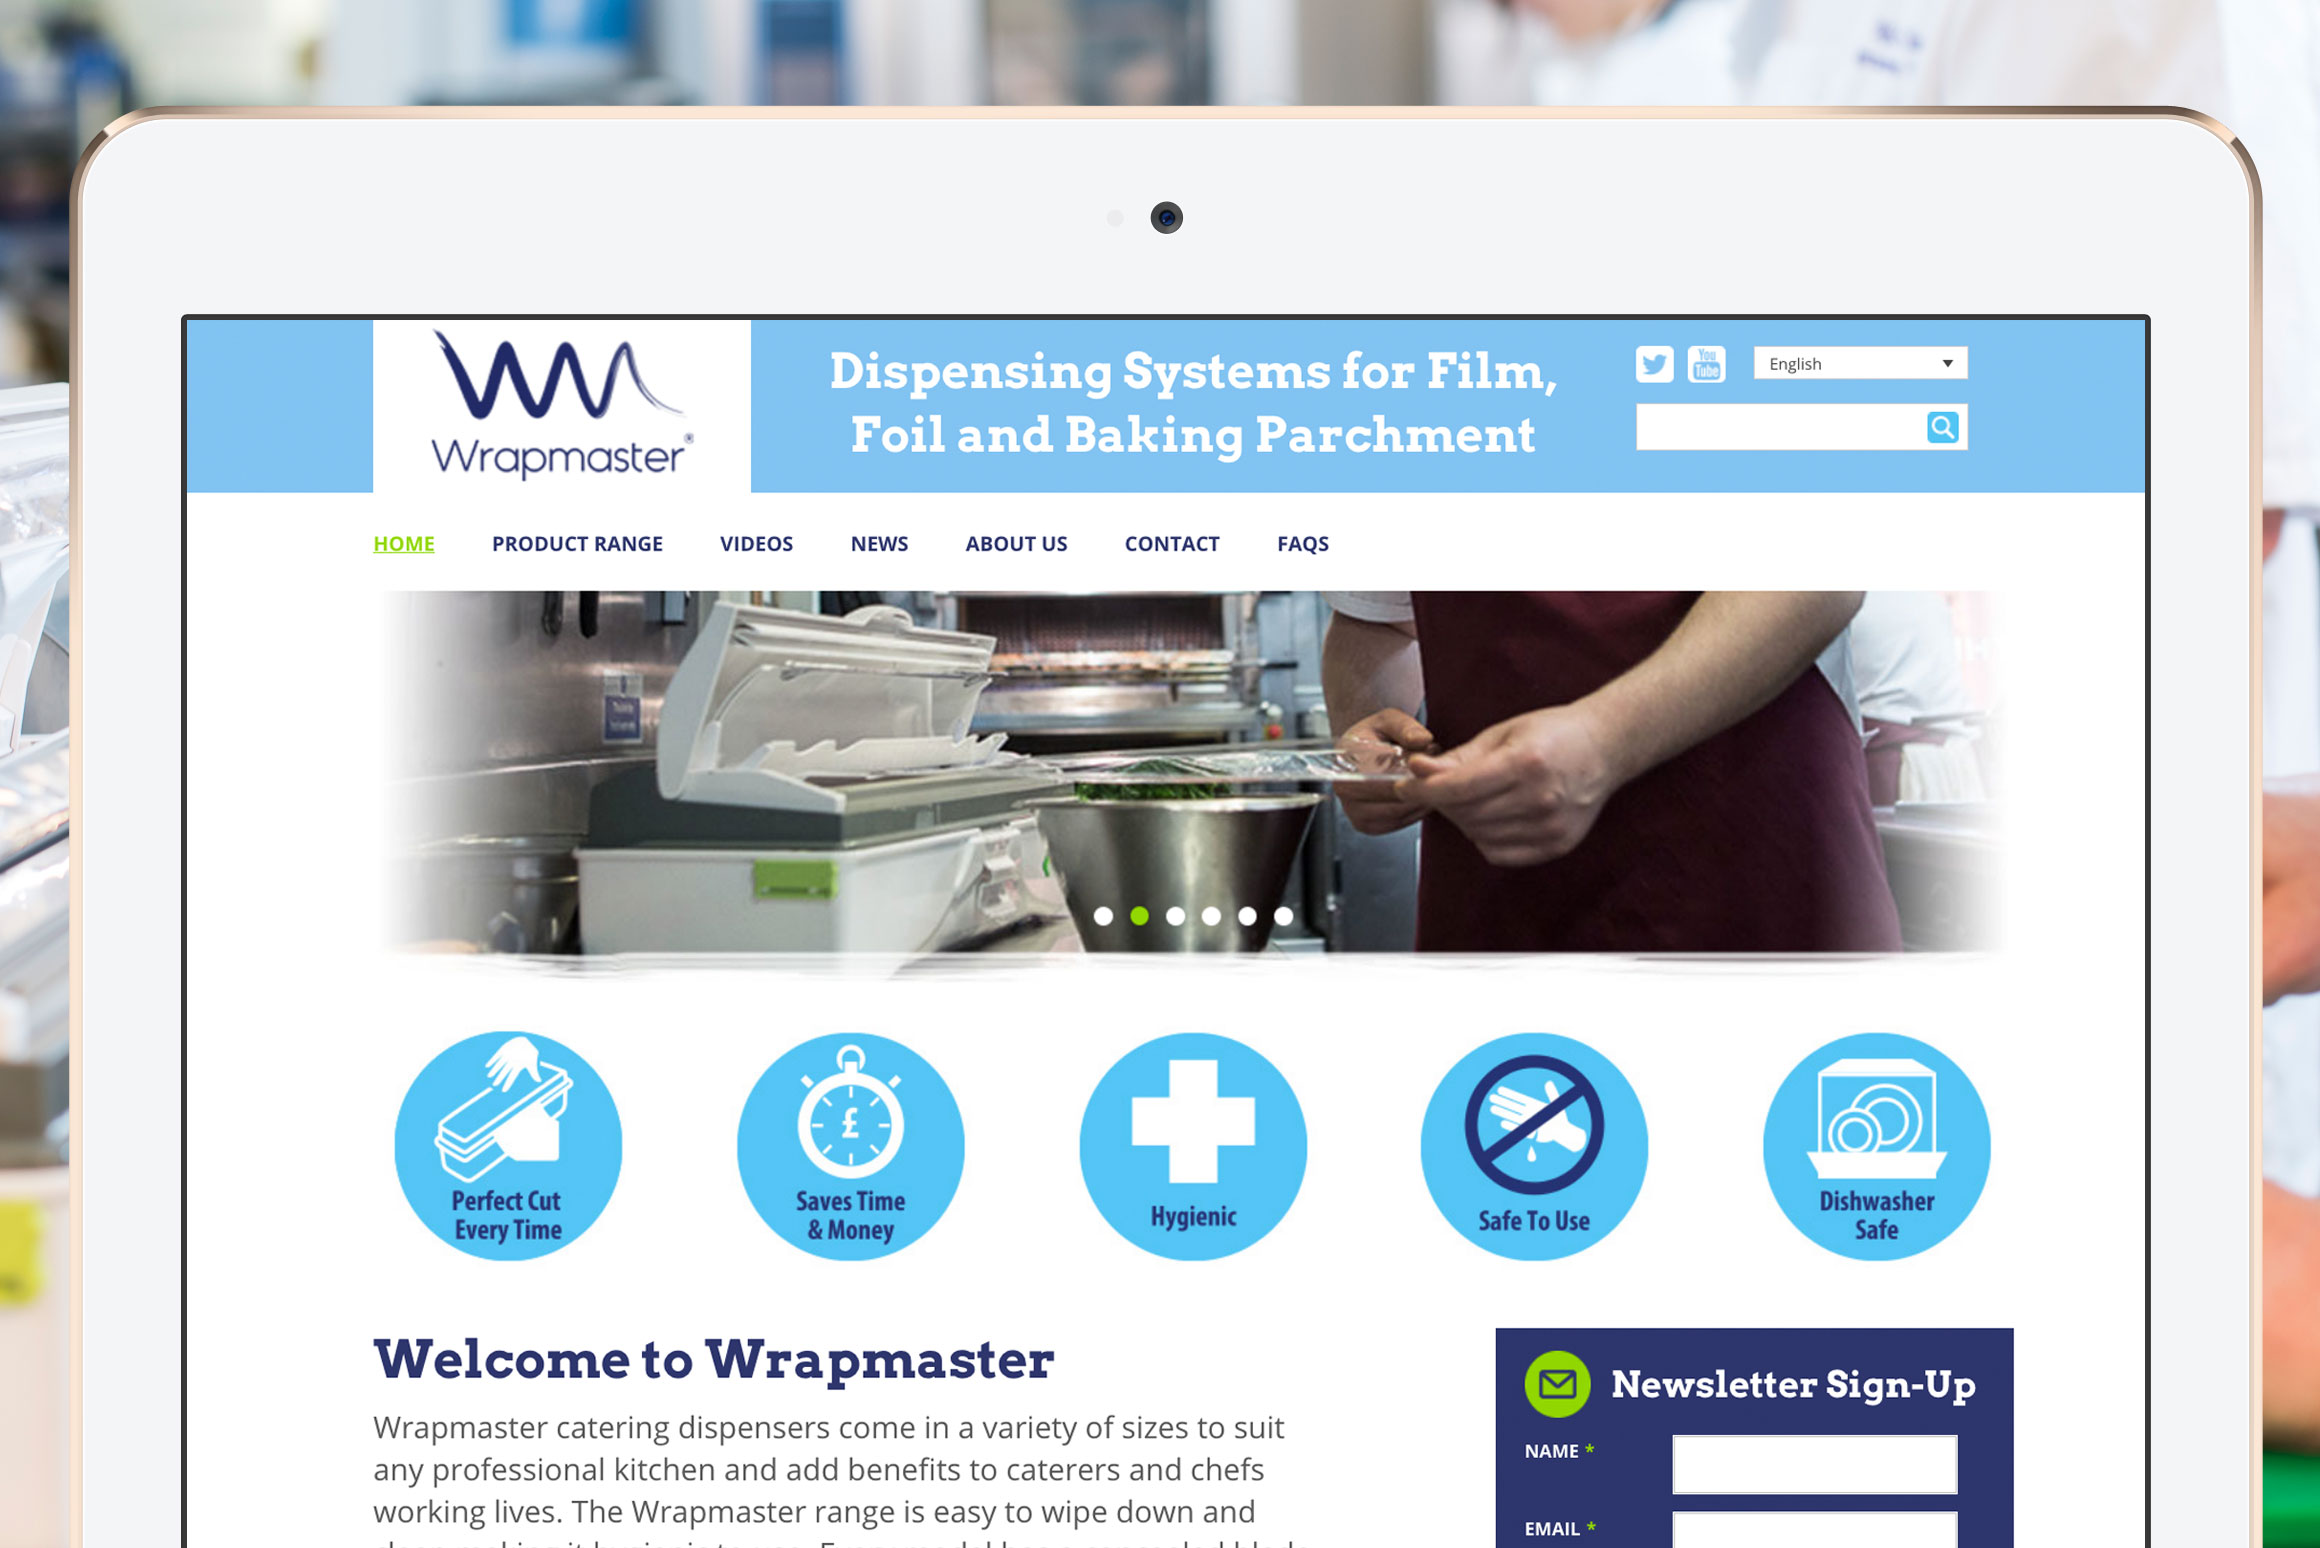 Wrapmaster Website - Main Image